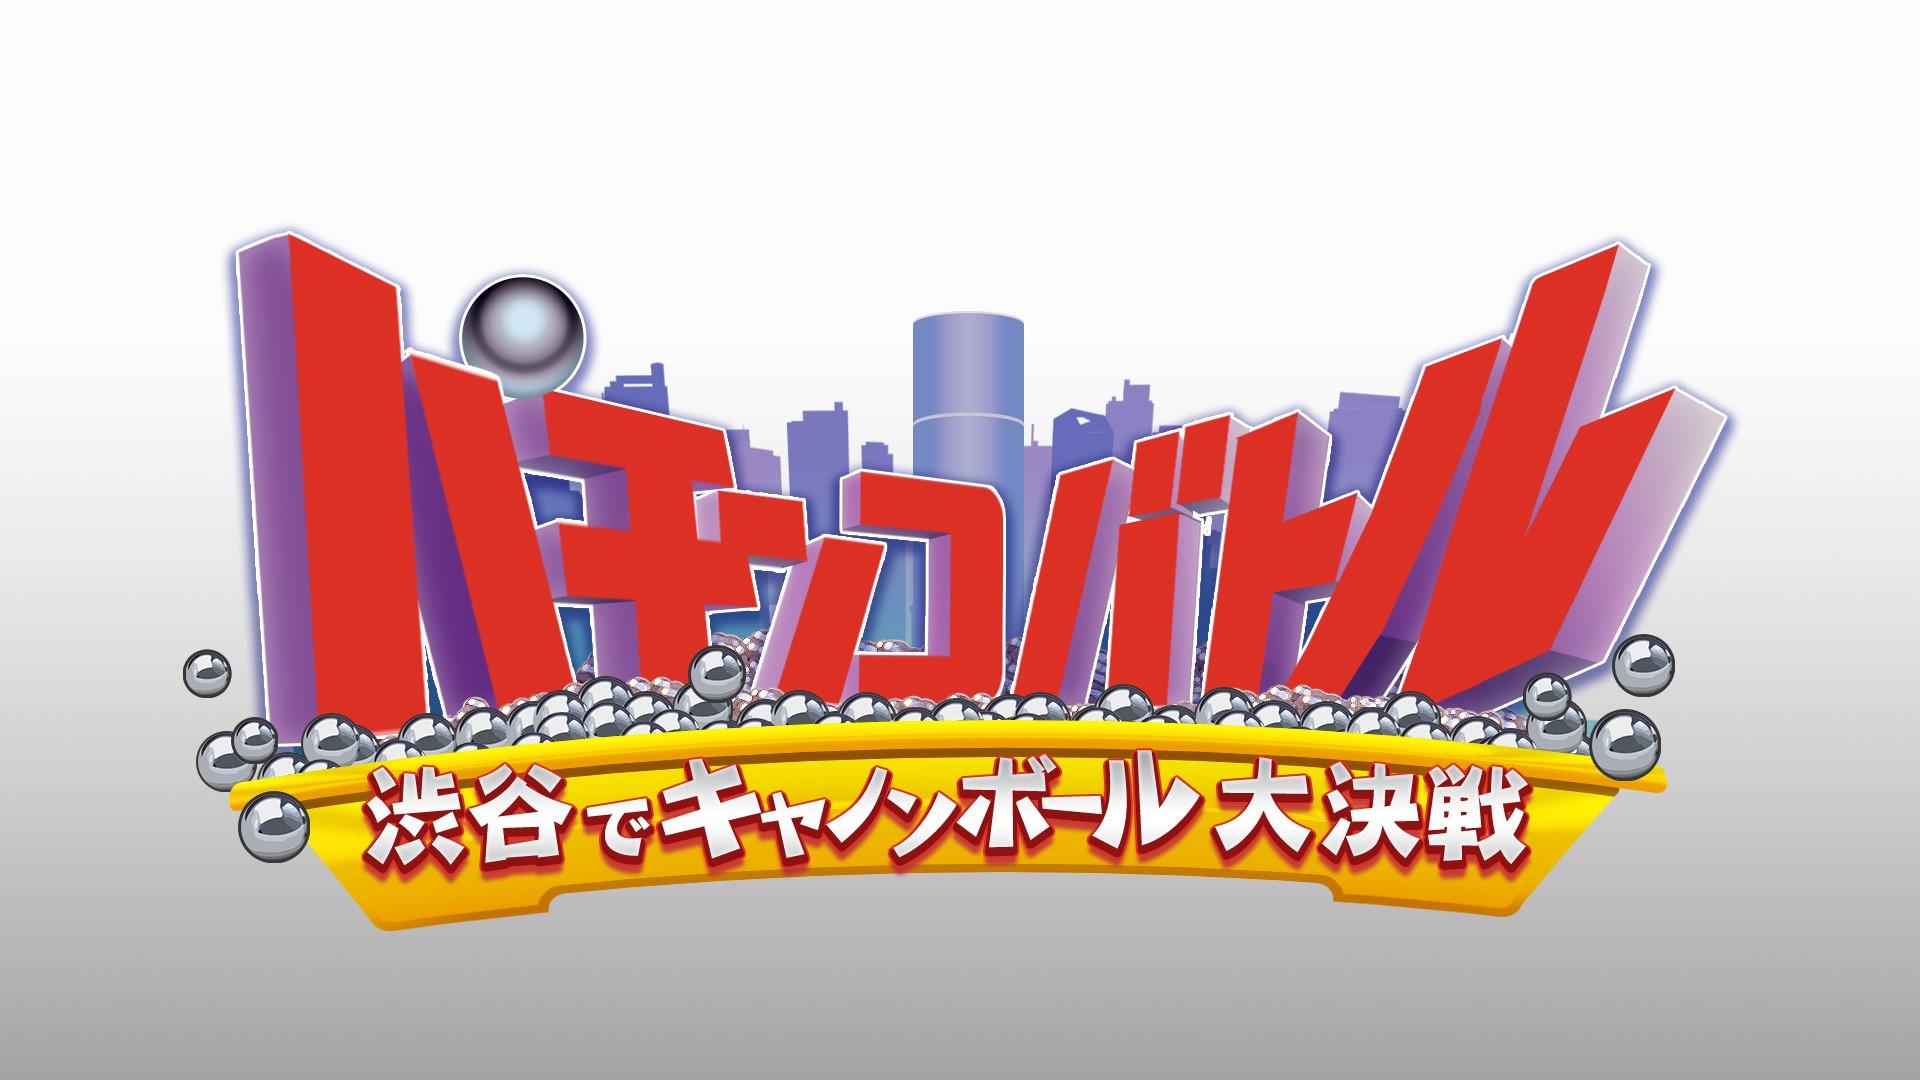 スカパー 【パチンコバトル〜渋谷でキャノンボール大決戦〜】